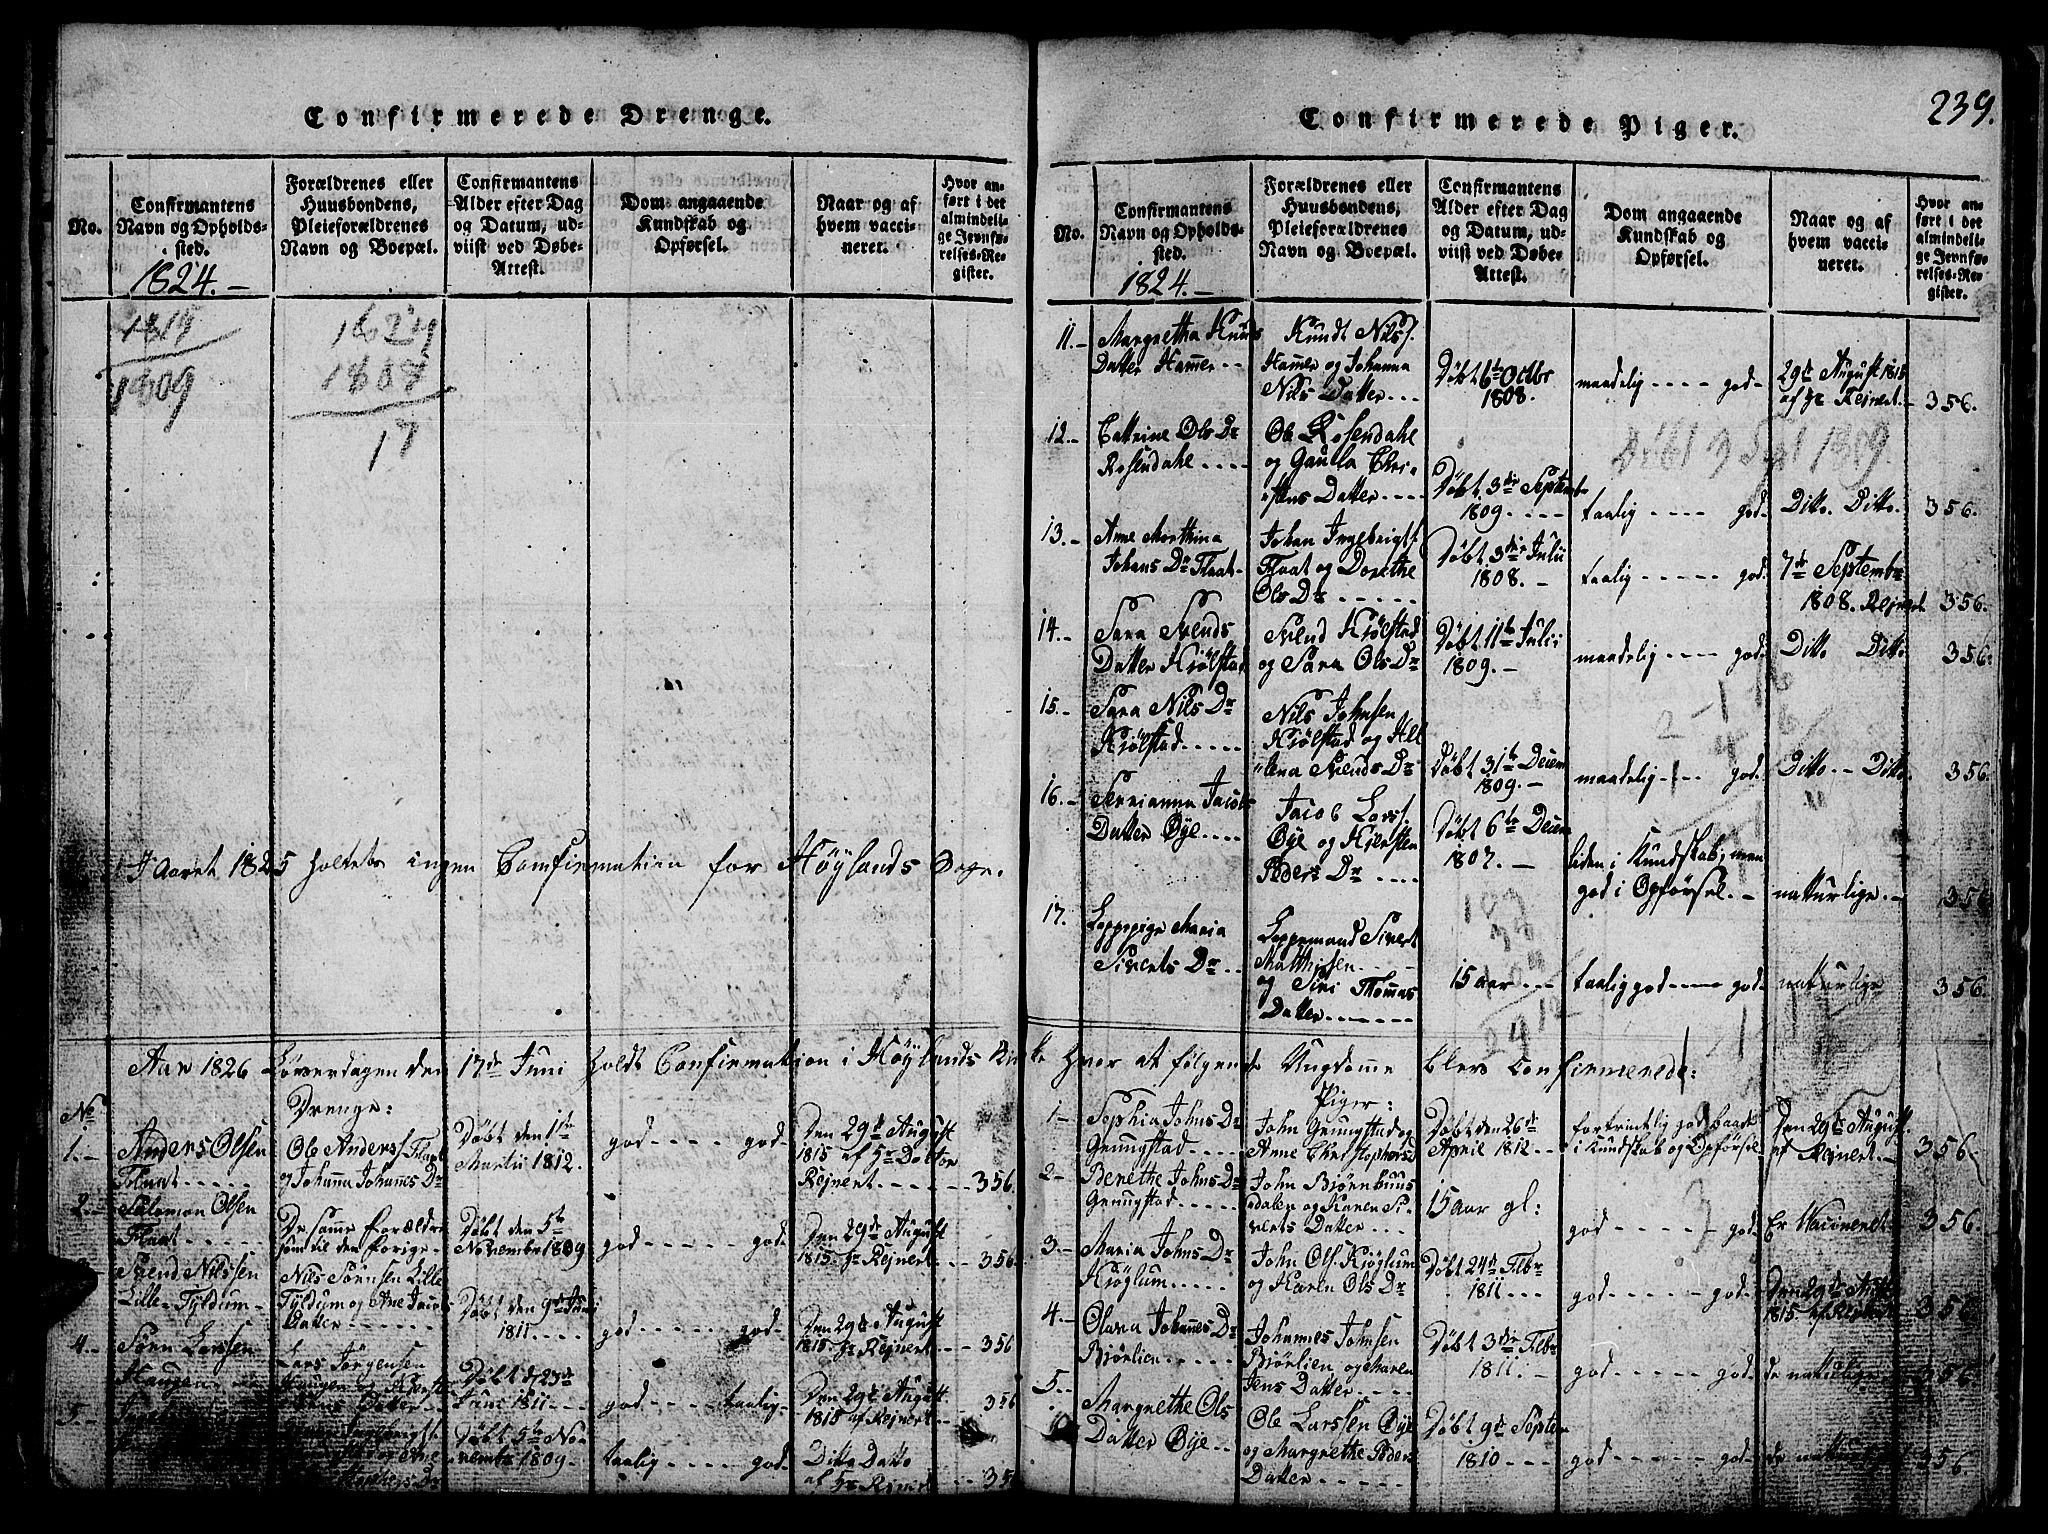 SAT, Ministerialprotokoller, klokkerbøker og fødselsregistre - Nord-Trøndelag, 765/L0562: Klokkerbok nr. 765C01, 1817-1851, s. 239